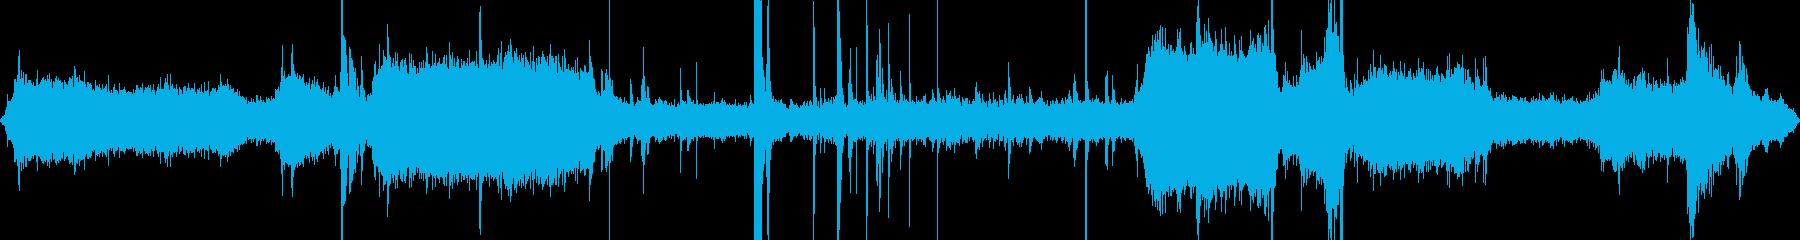 工場、工事現場の作業音Aの再生済みの波形